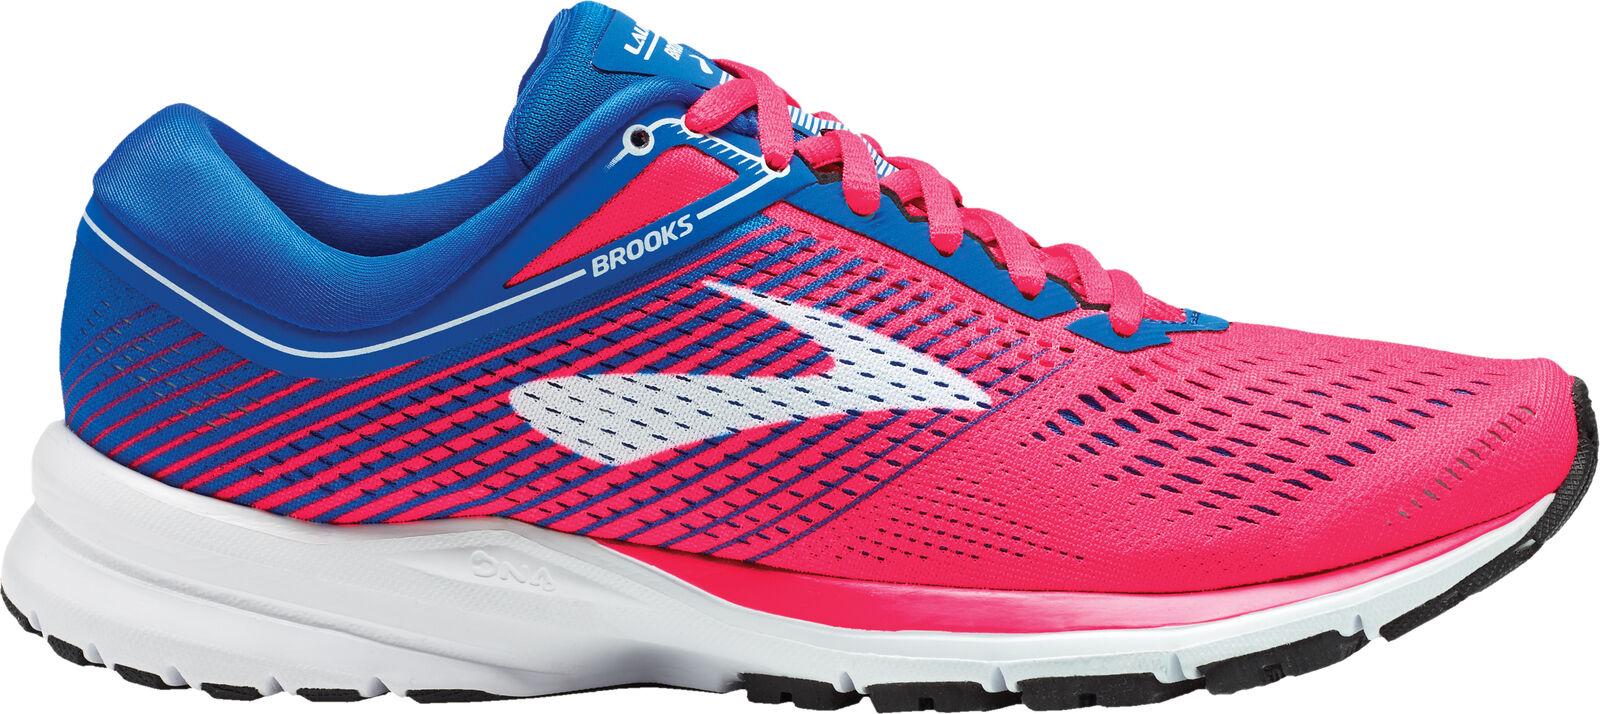 Brooks Launch 5 5 5 Mujeres Tenis para Correr-rosado  ventas en linea